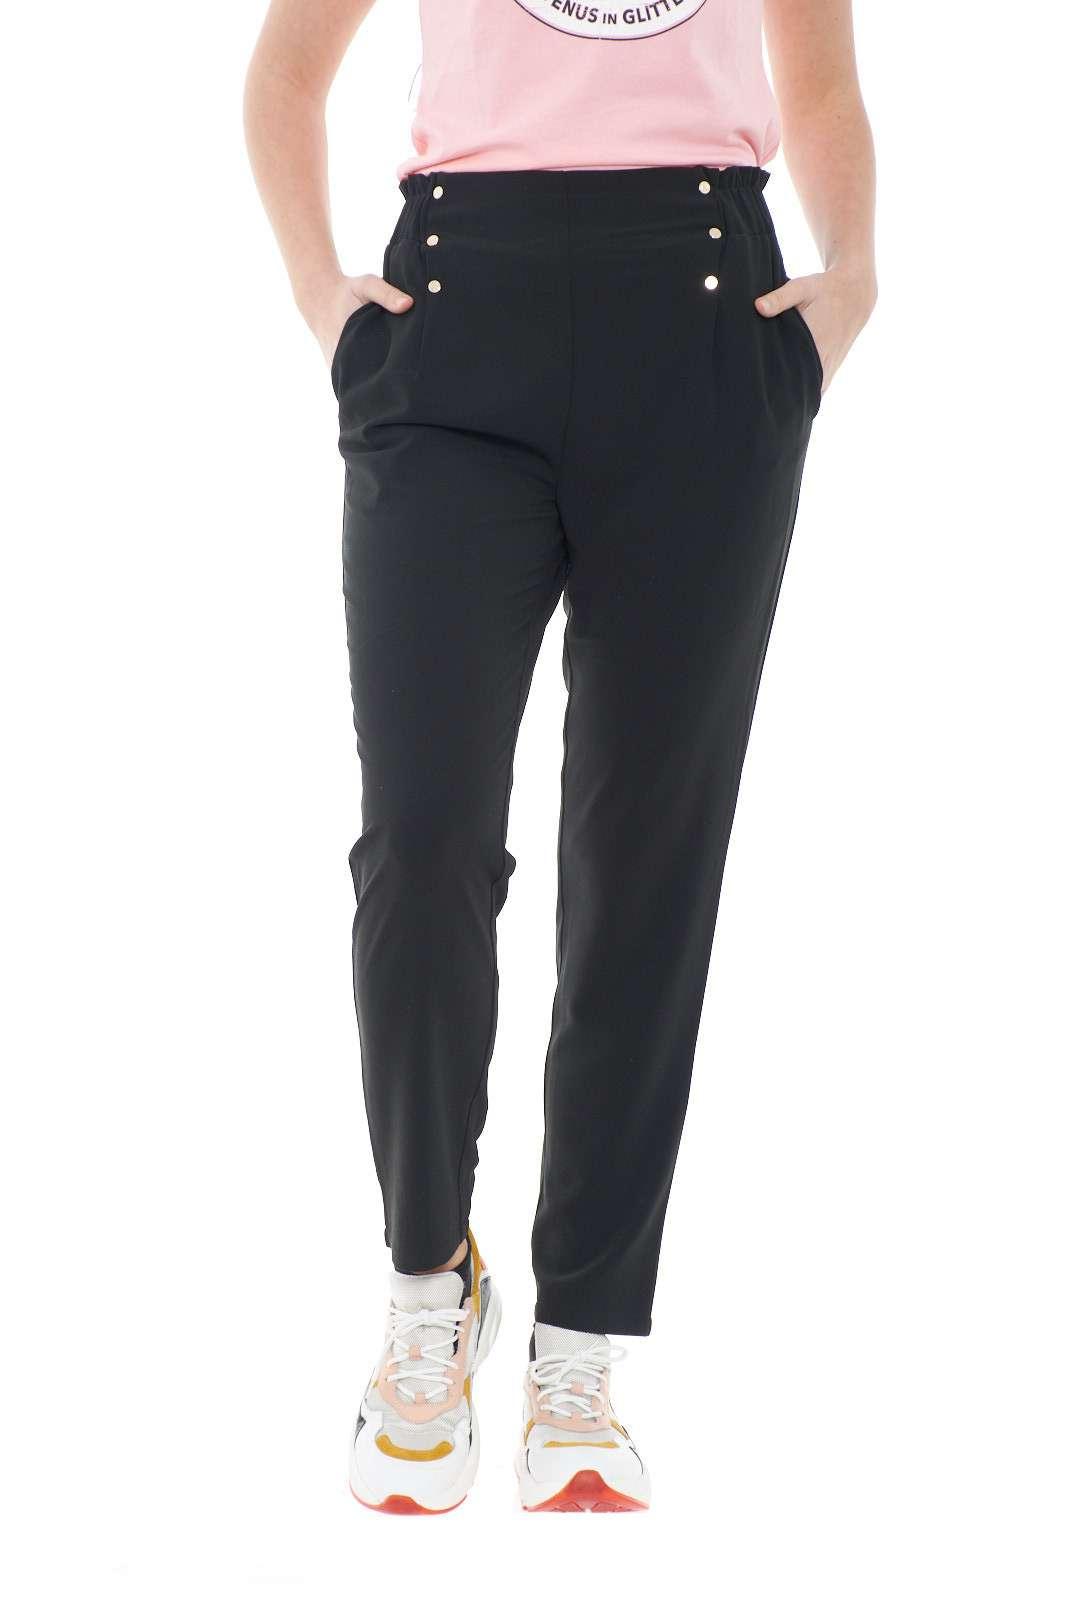 Un vero essential il pantalone proposto dalla collezione donna Liu Jo Sport. Caratterizzato dalla vita alta elastica, si impone per l'effetto arricciato sul retro. Le pinces sono definite con dei bottoni oro Light con il logo del brand per renderli unici e versatili.